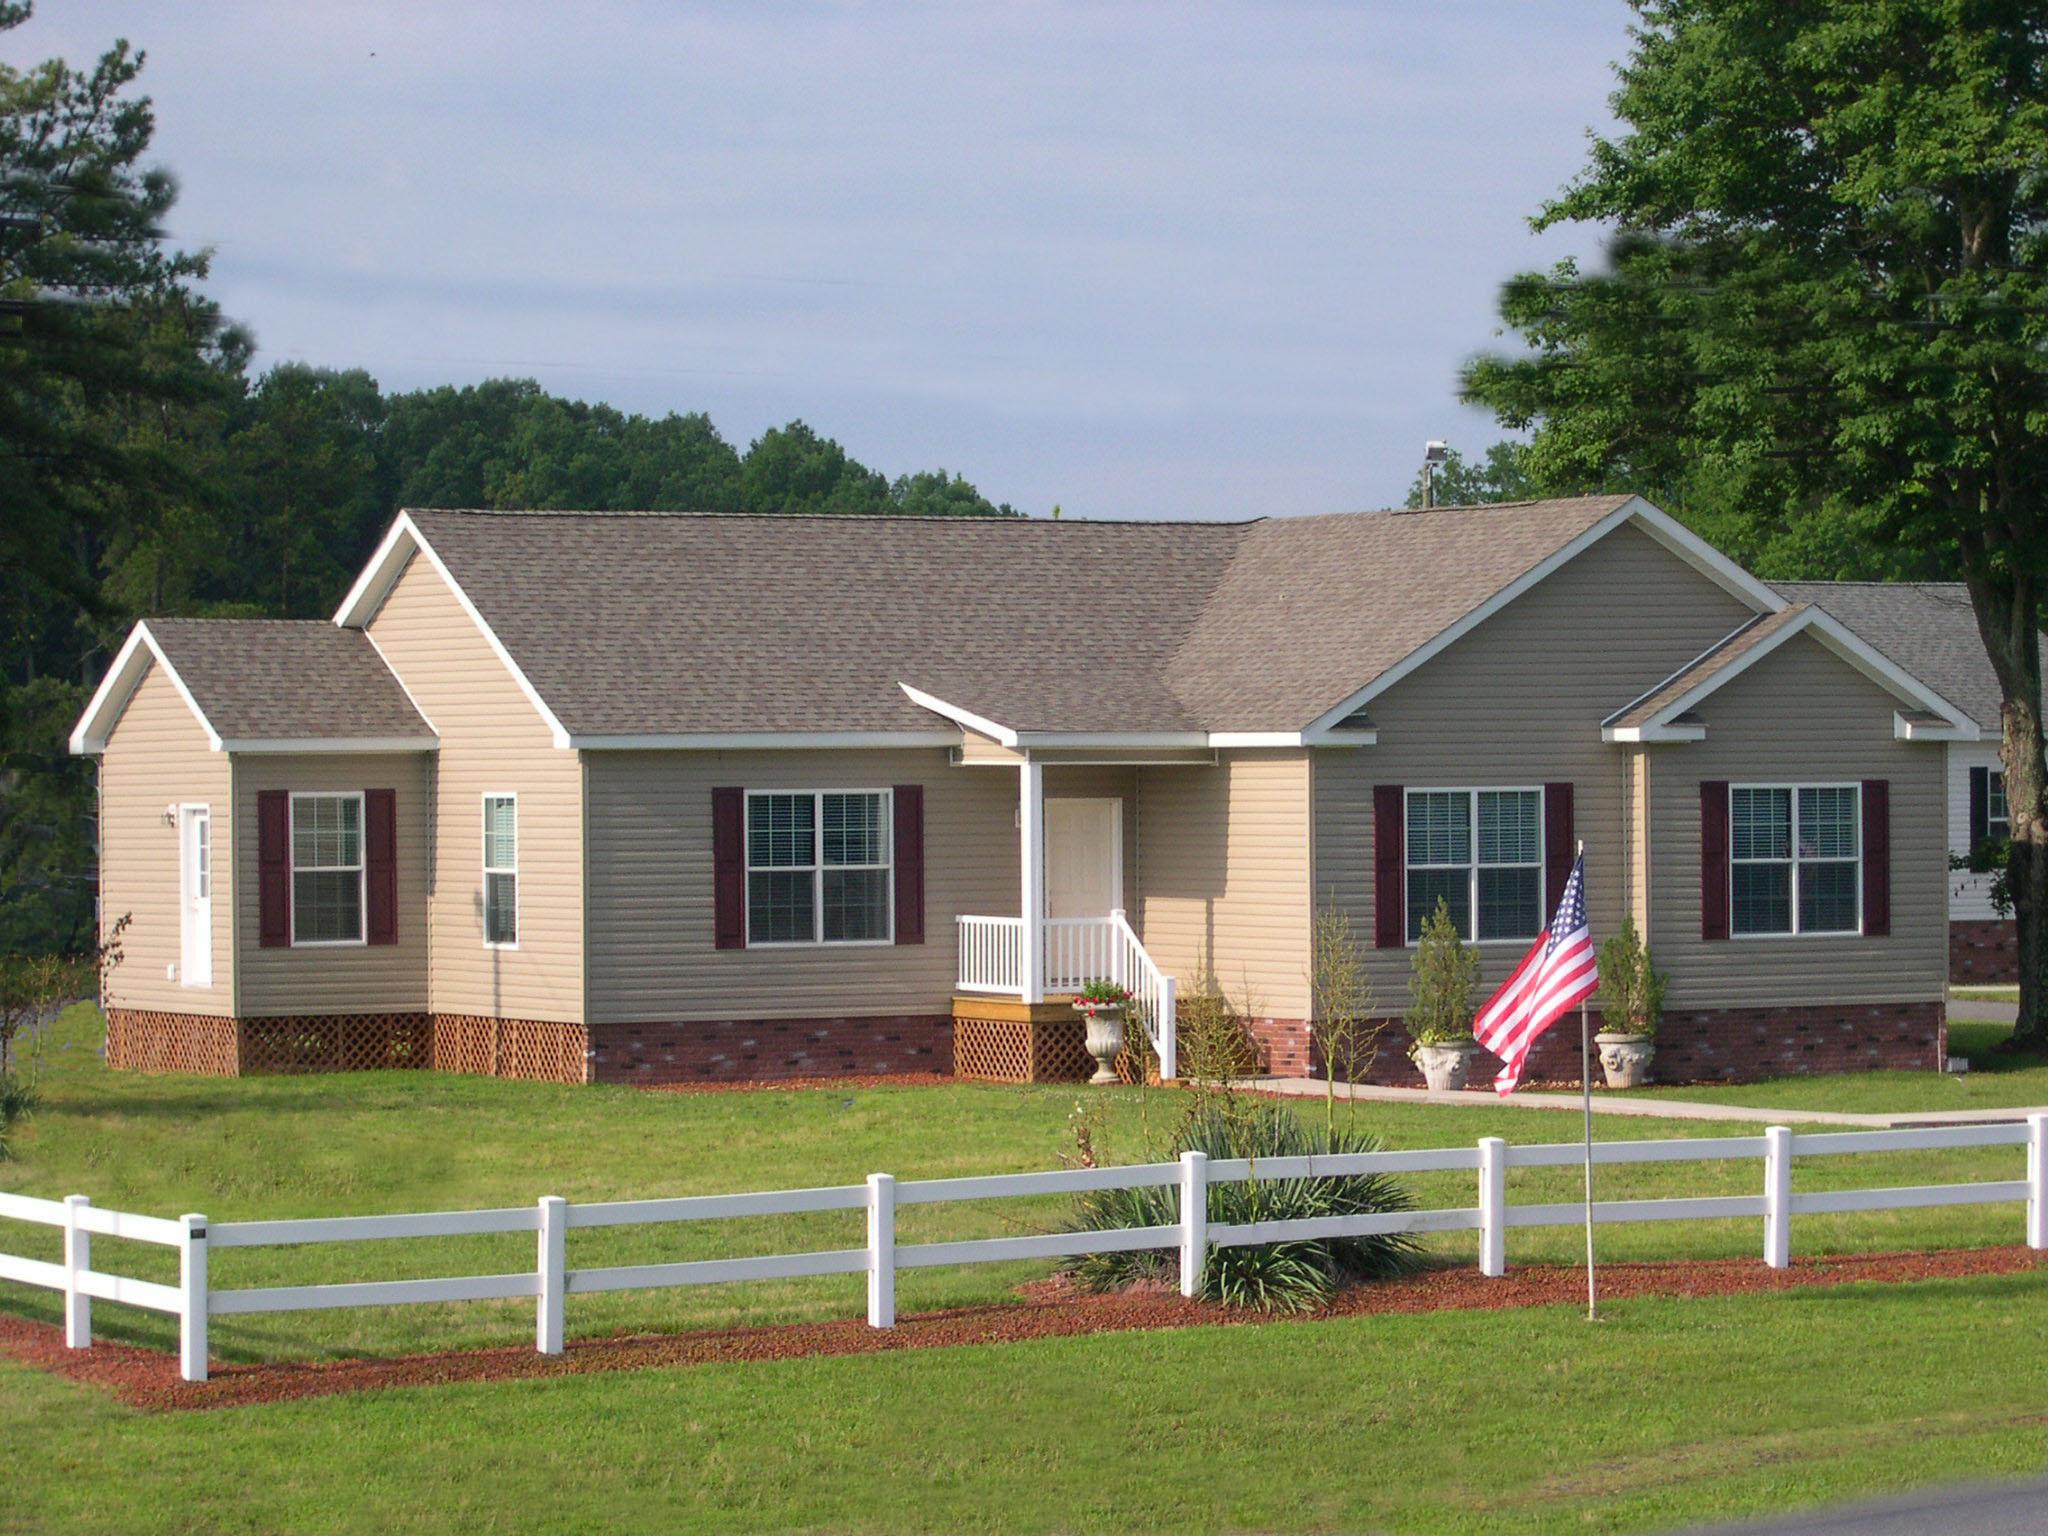 Modular Home: Modular Home Richfield Nc